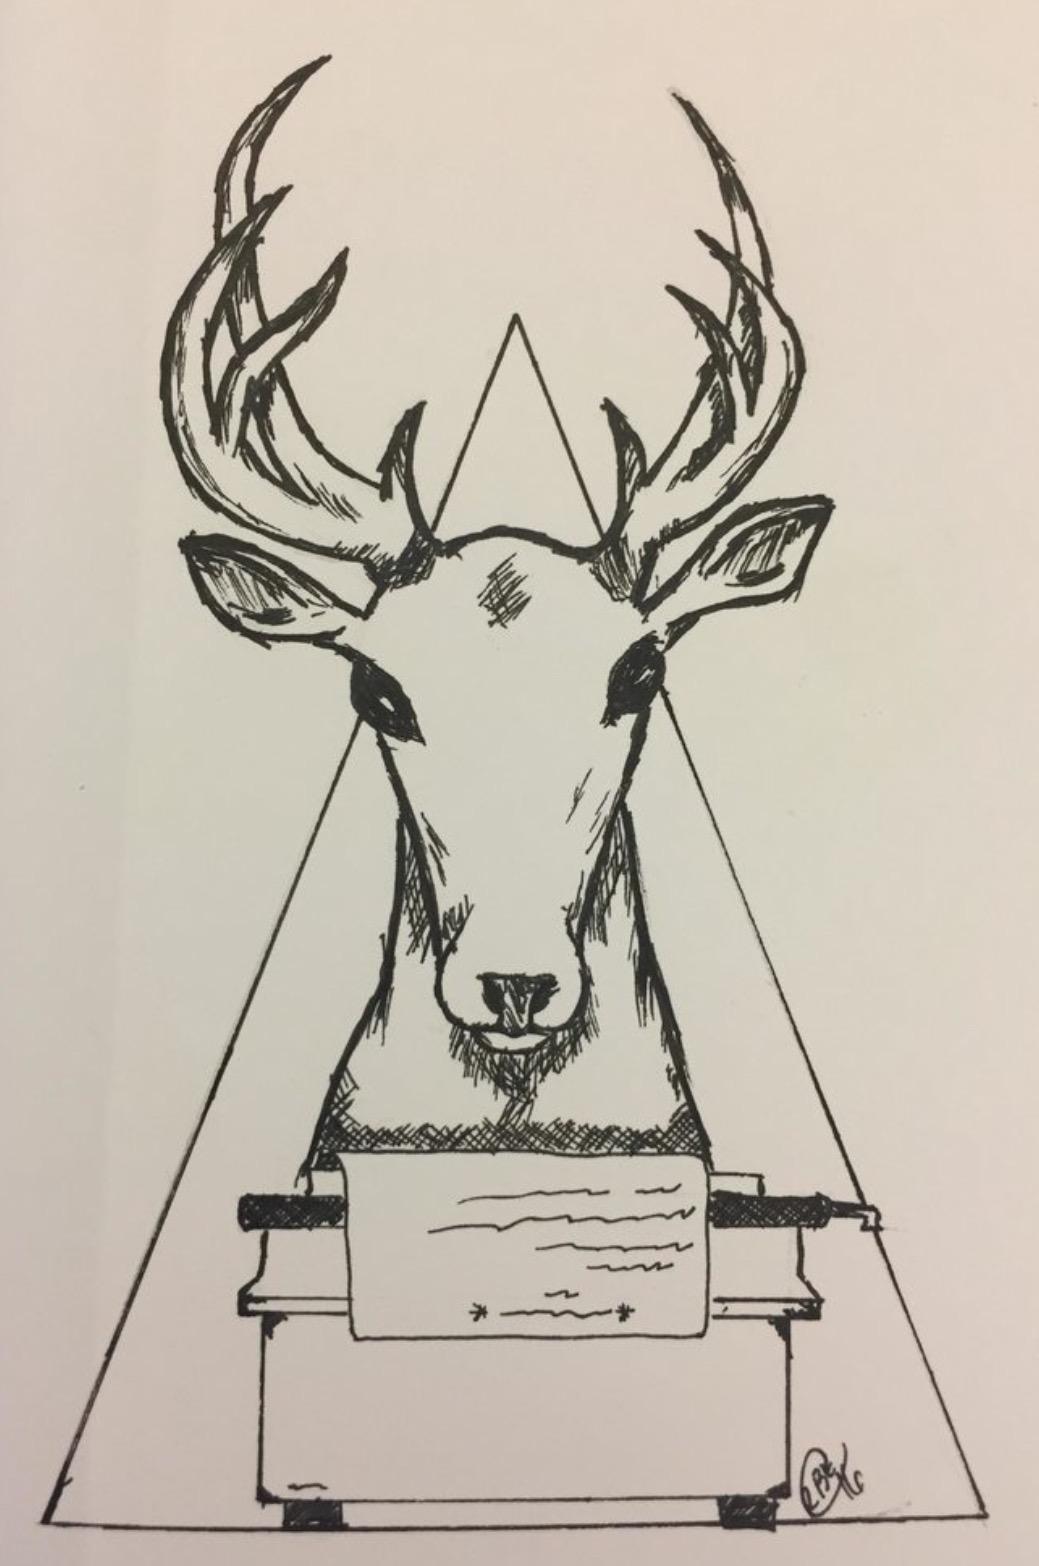 ciervo blanco escritor máquina de escribir club creativa